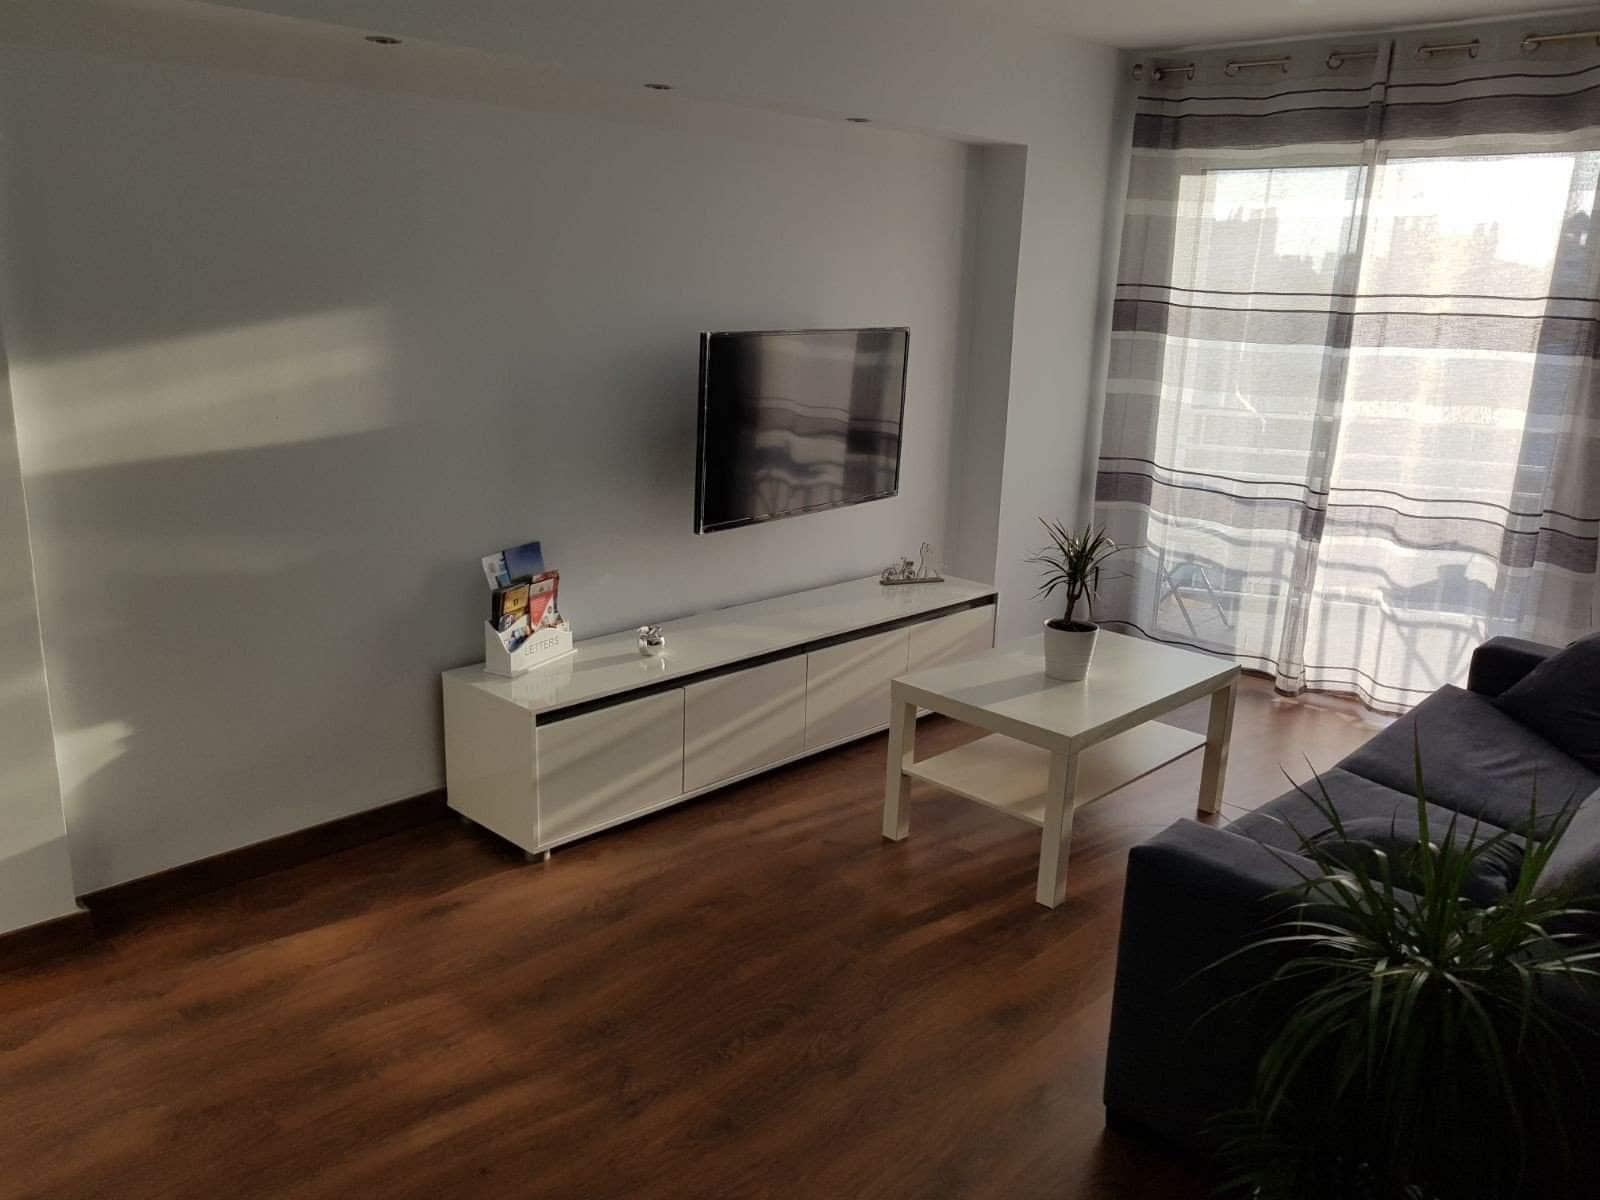 1 bedroom Apartment for sale in Benalmadena - € 138,000 (Ref: 4257446)